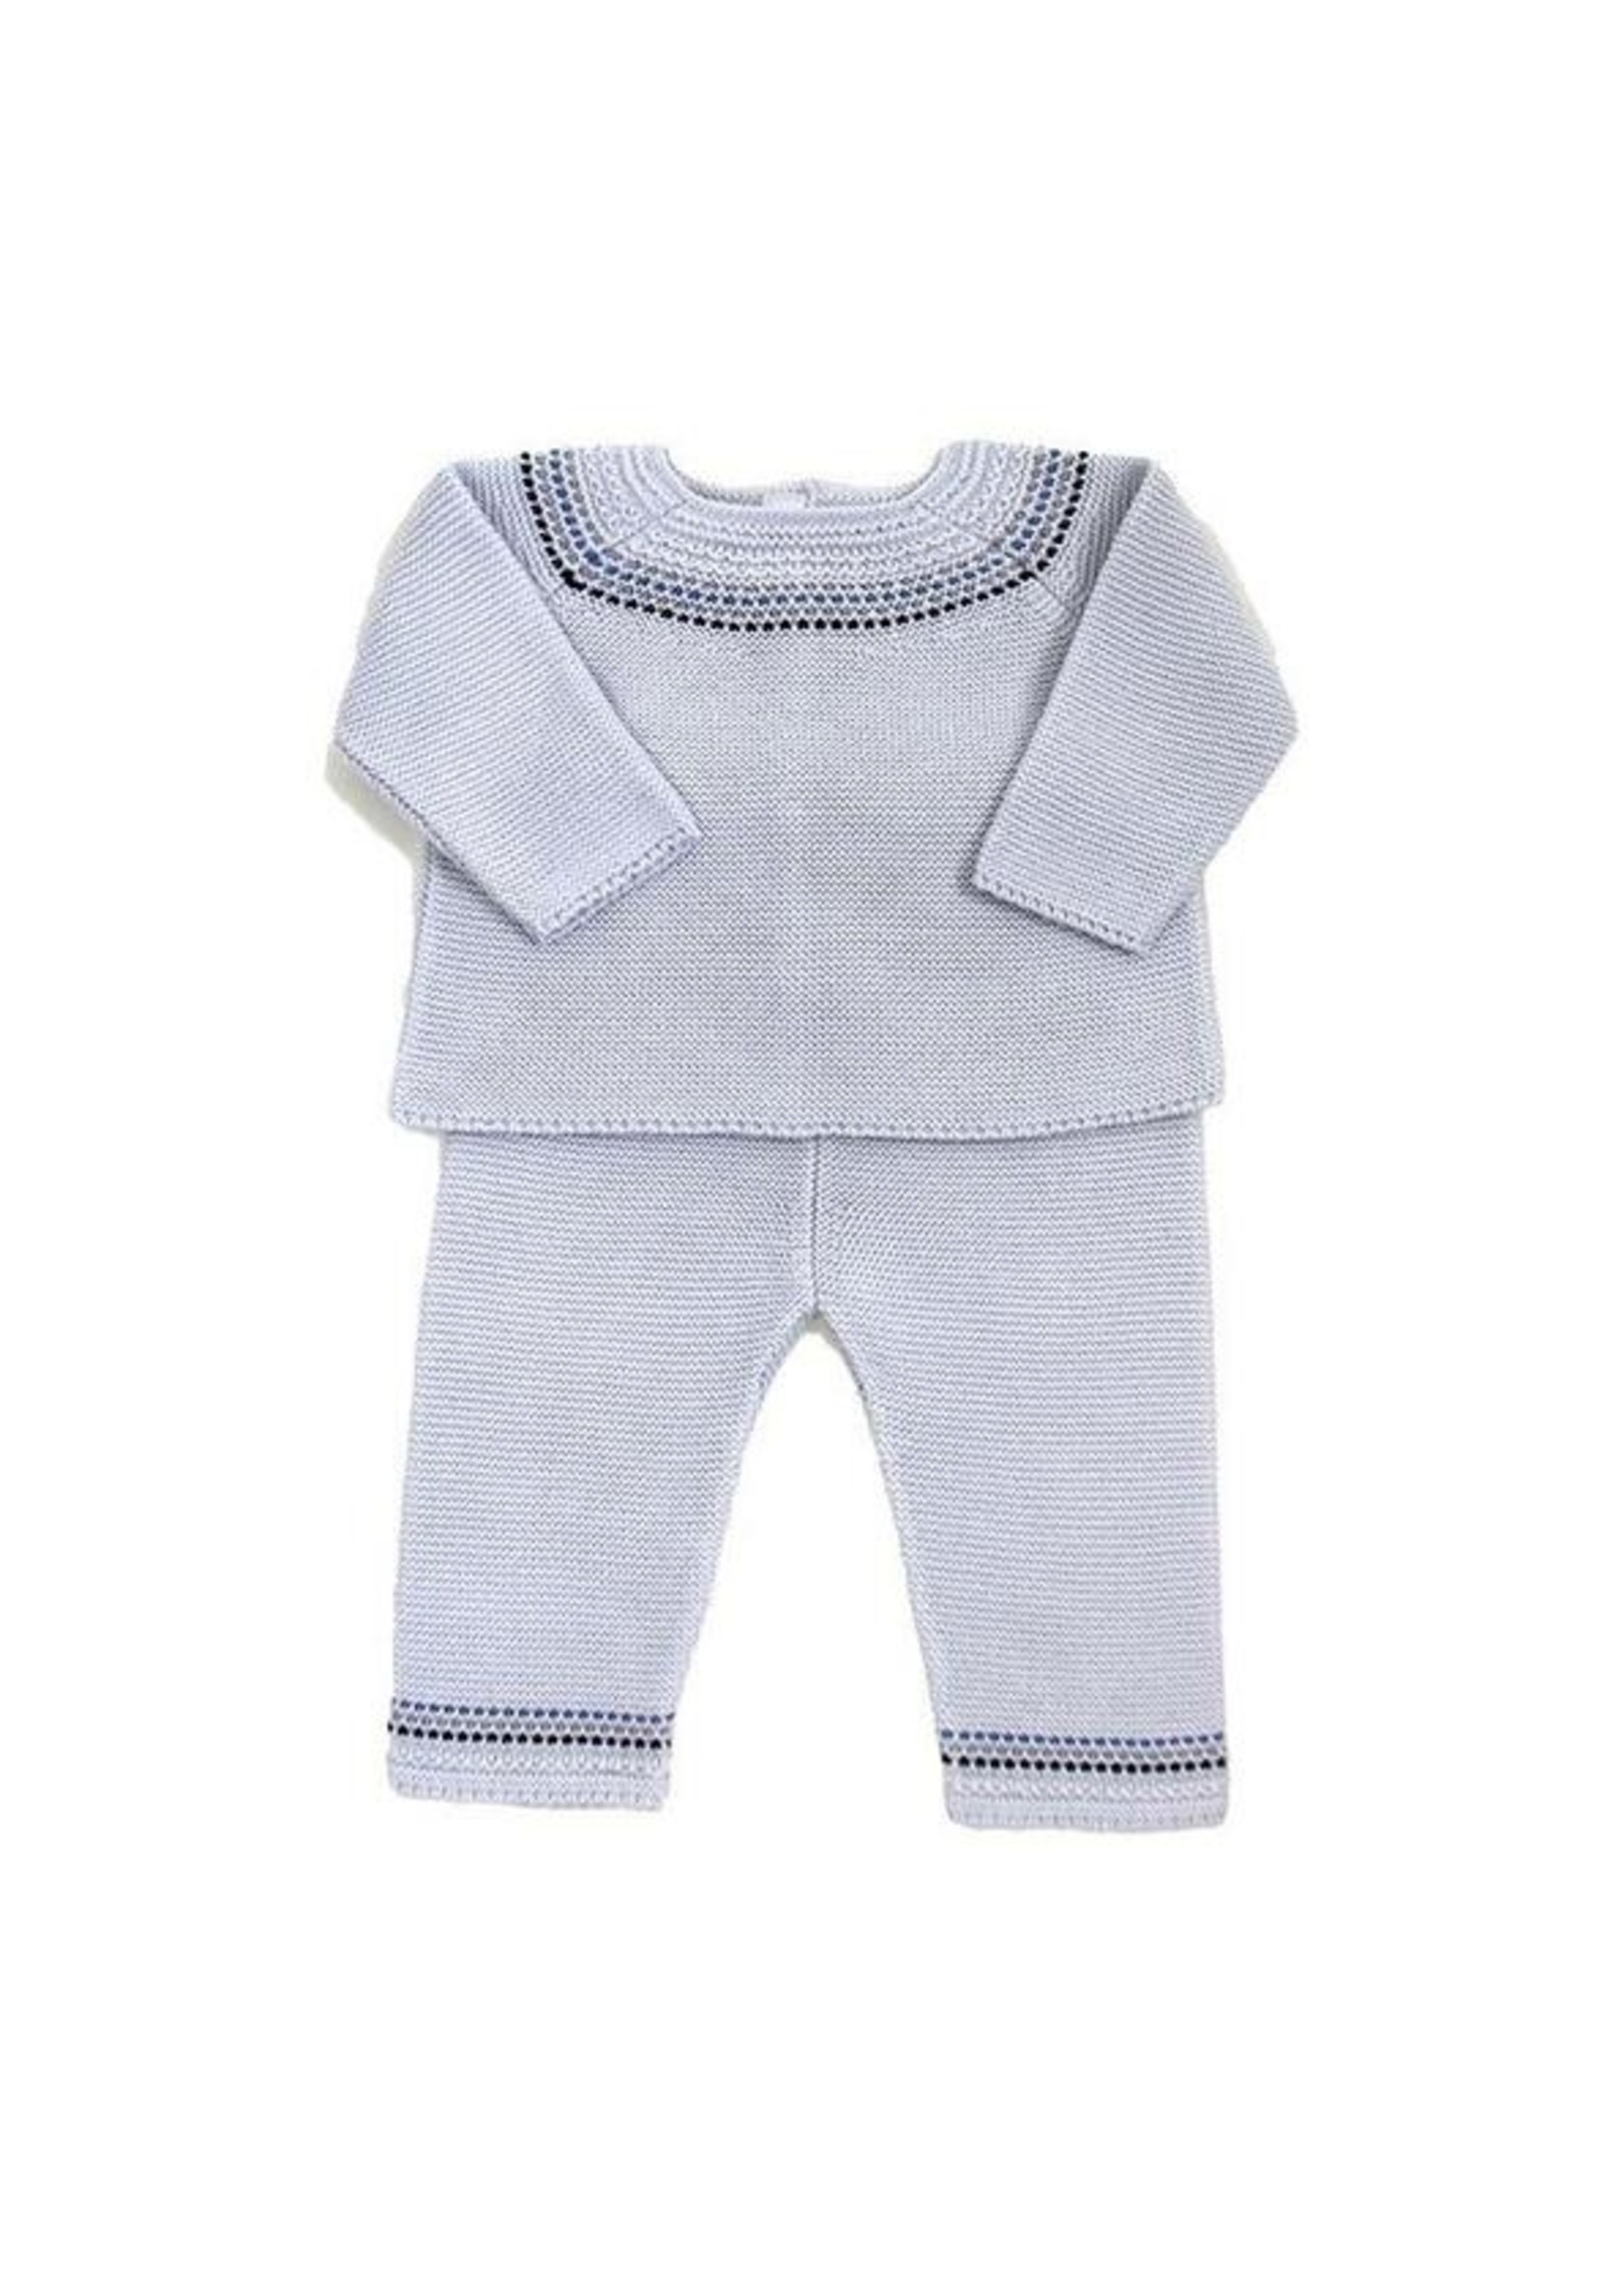 Cuclie Cuclie Fair Isle Grey Knit Pant Set